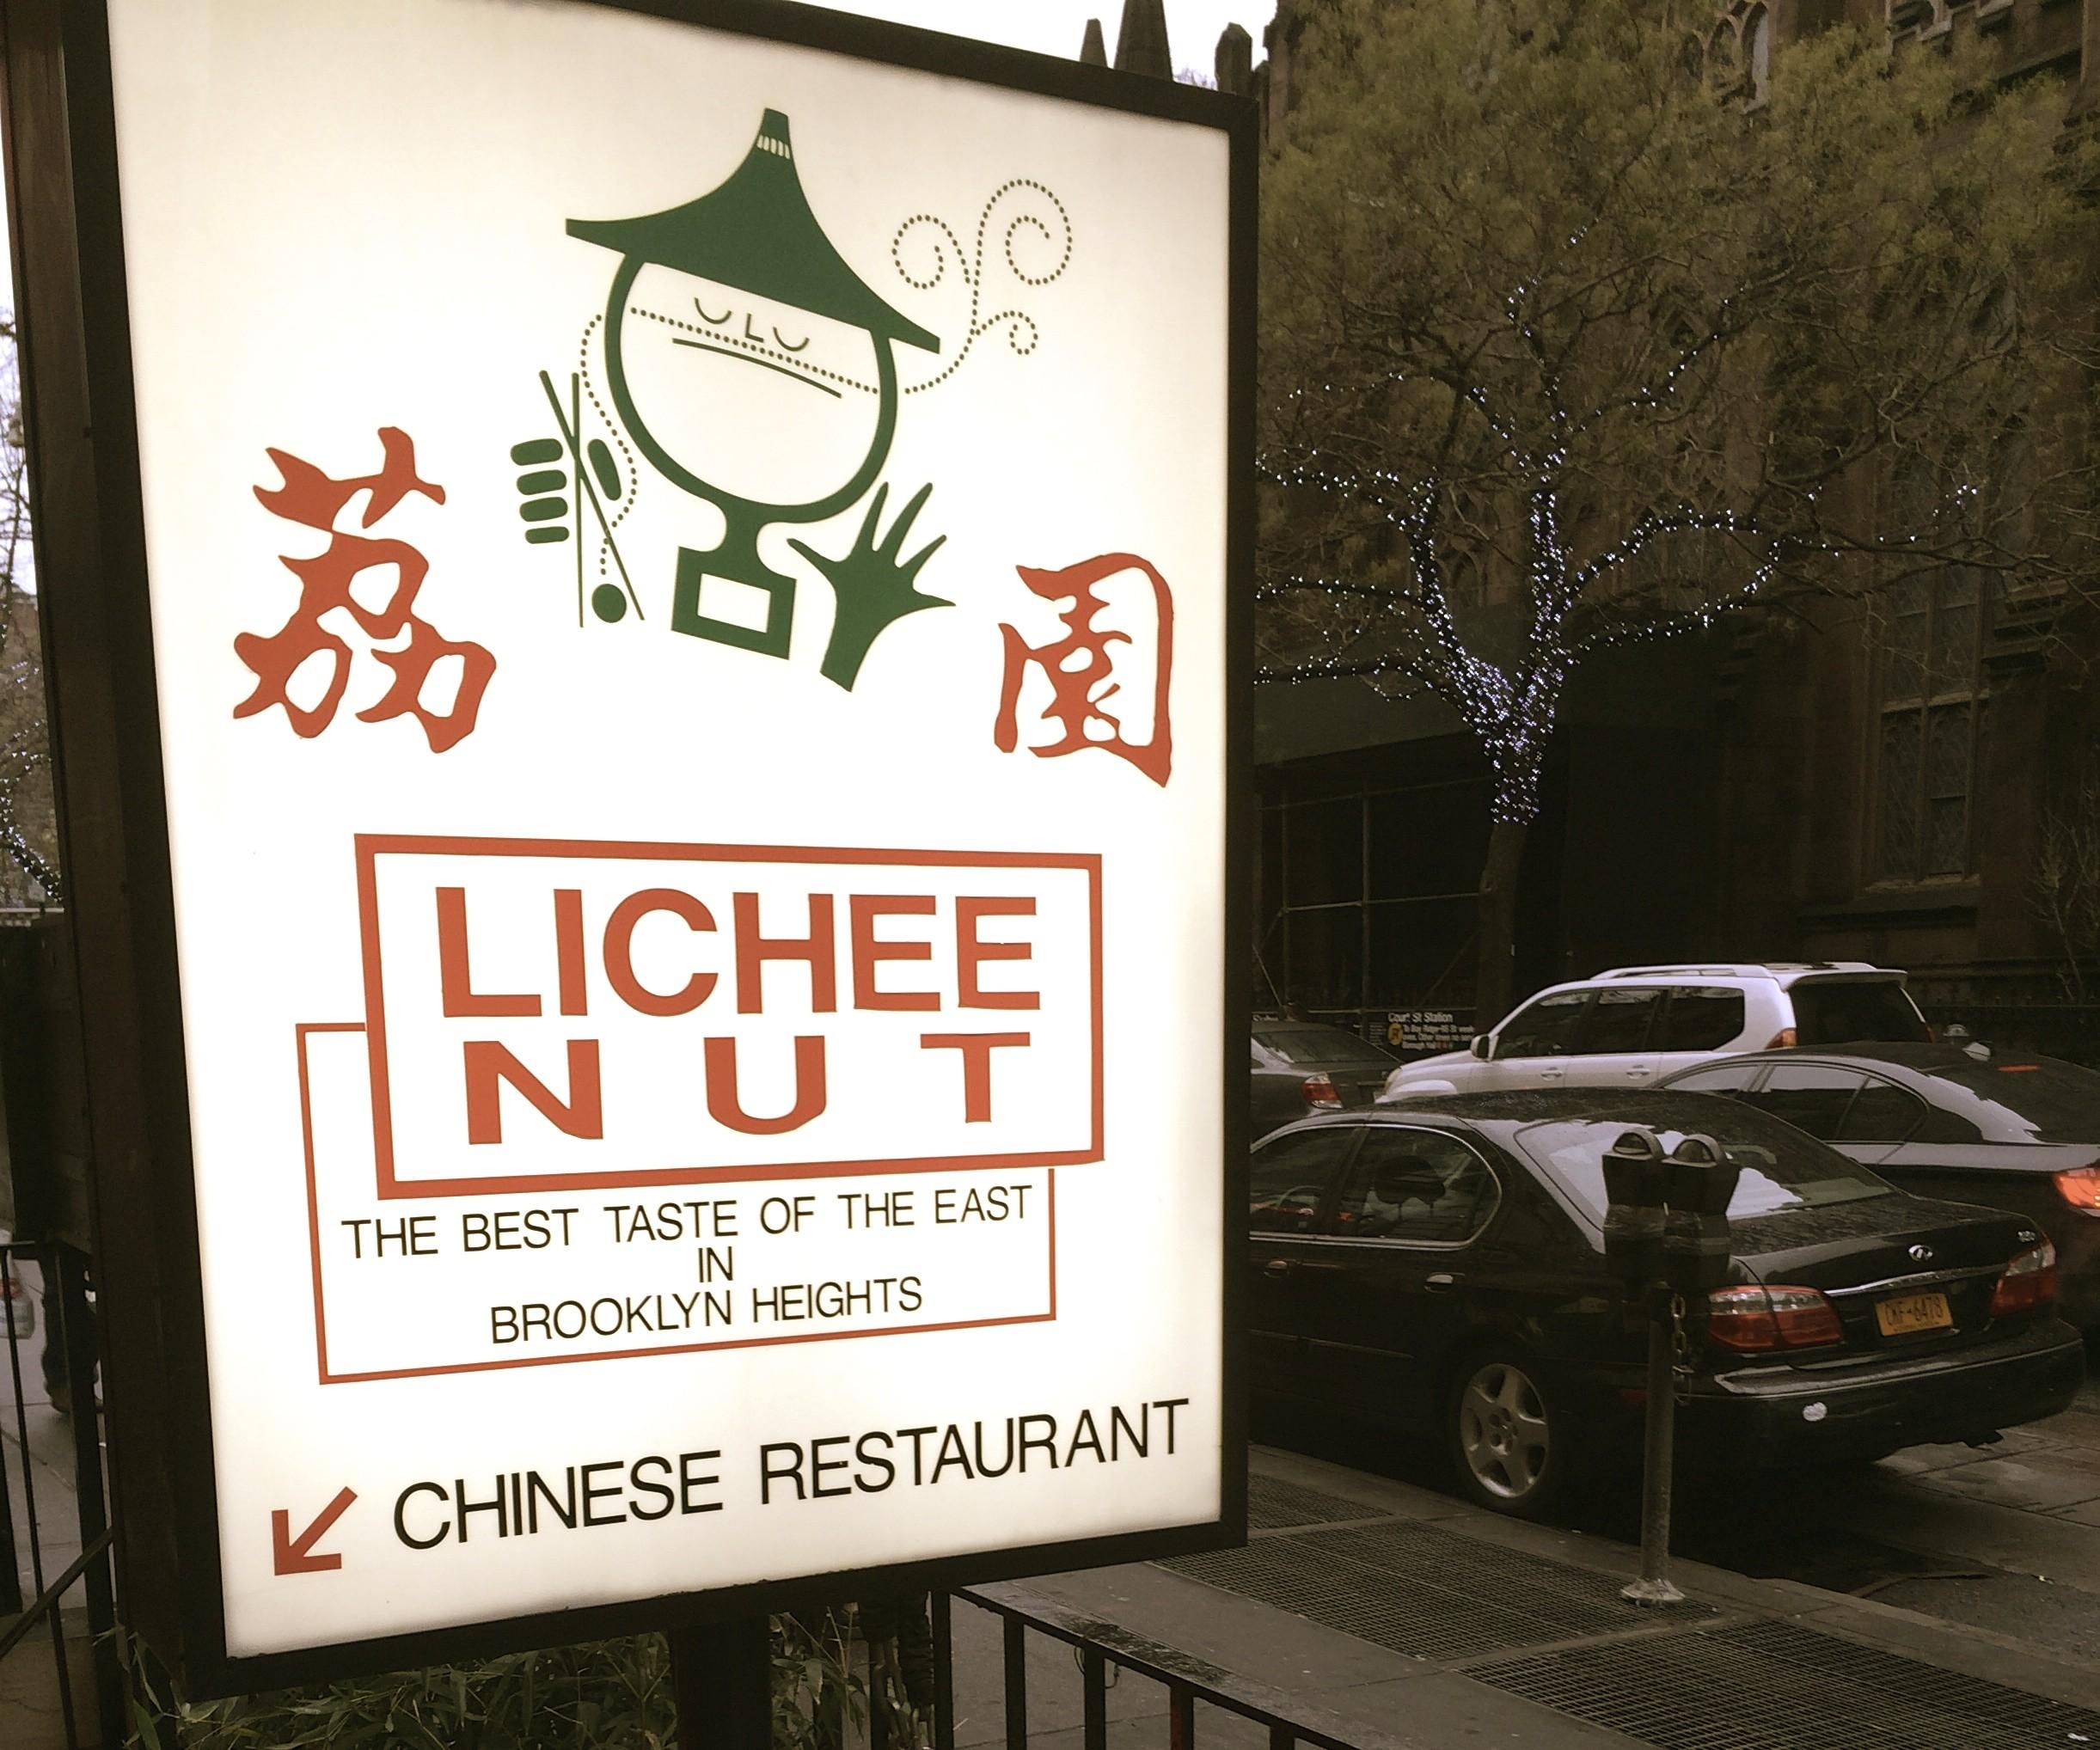 Lichee Nut